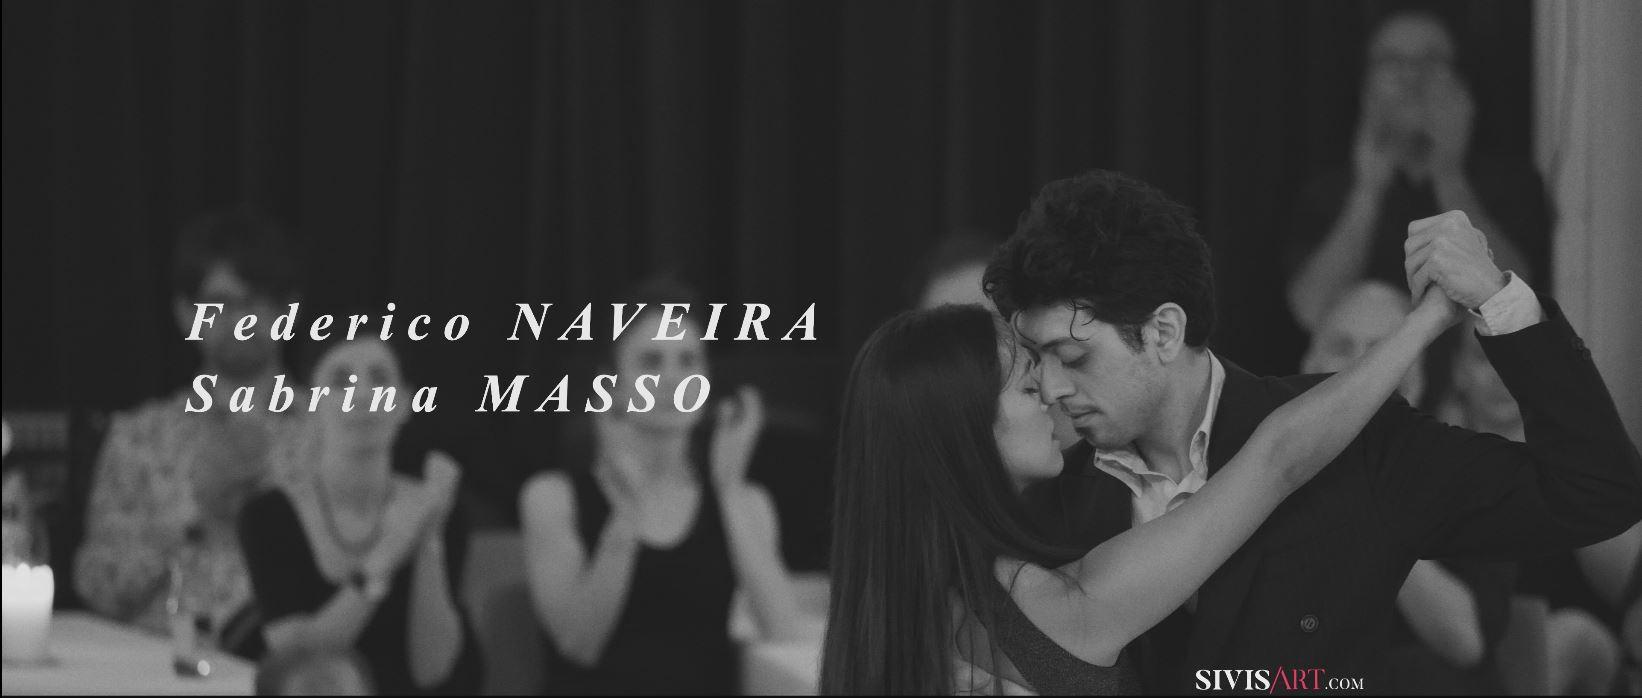 Federico Naveira & Sabrina Masso